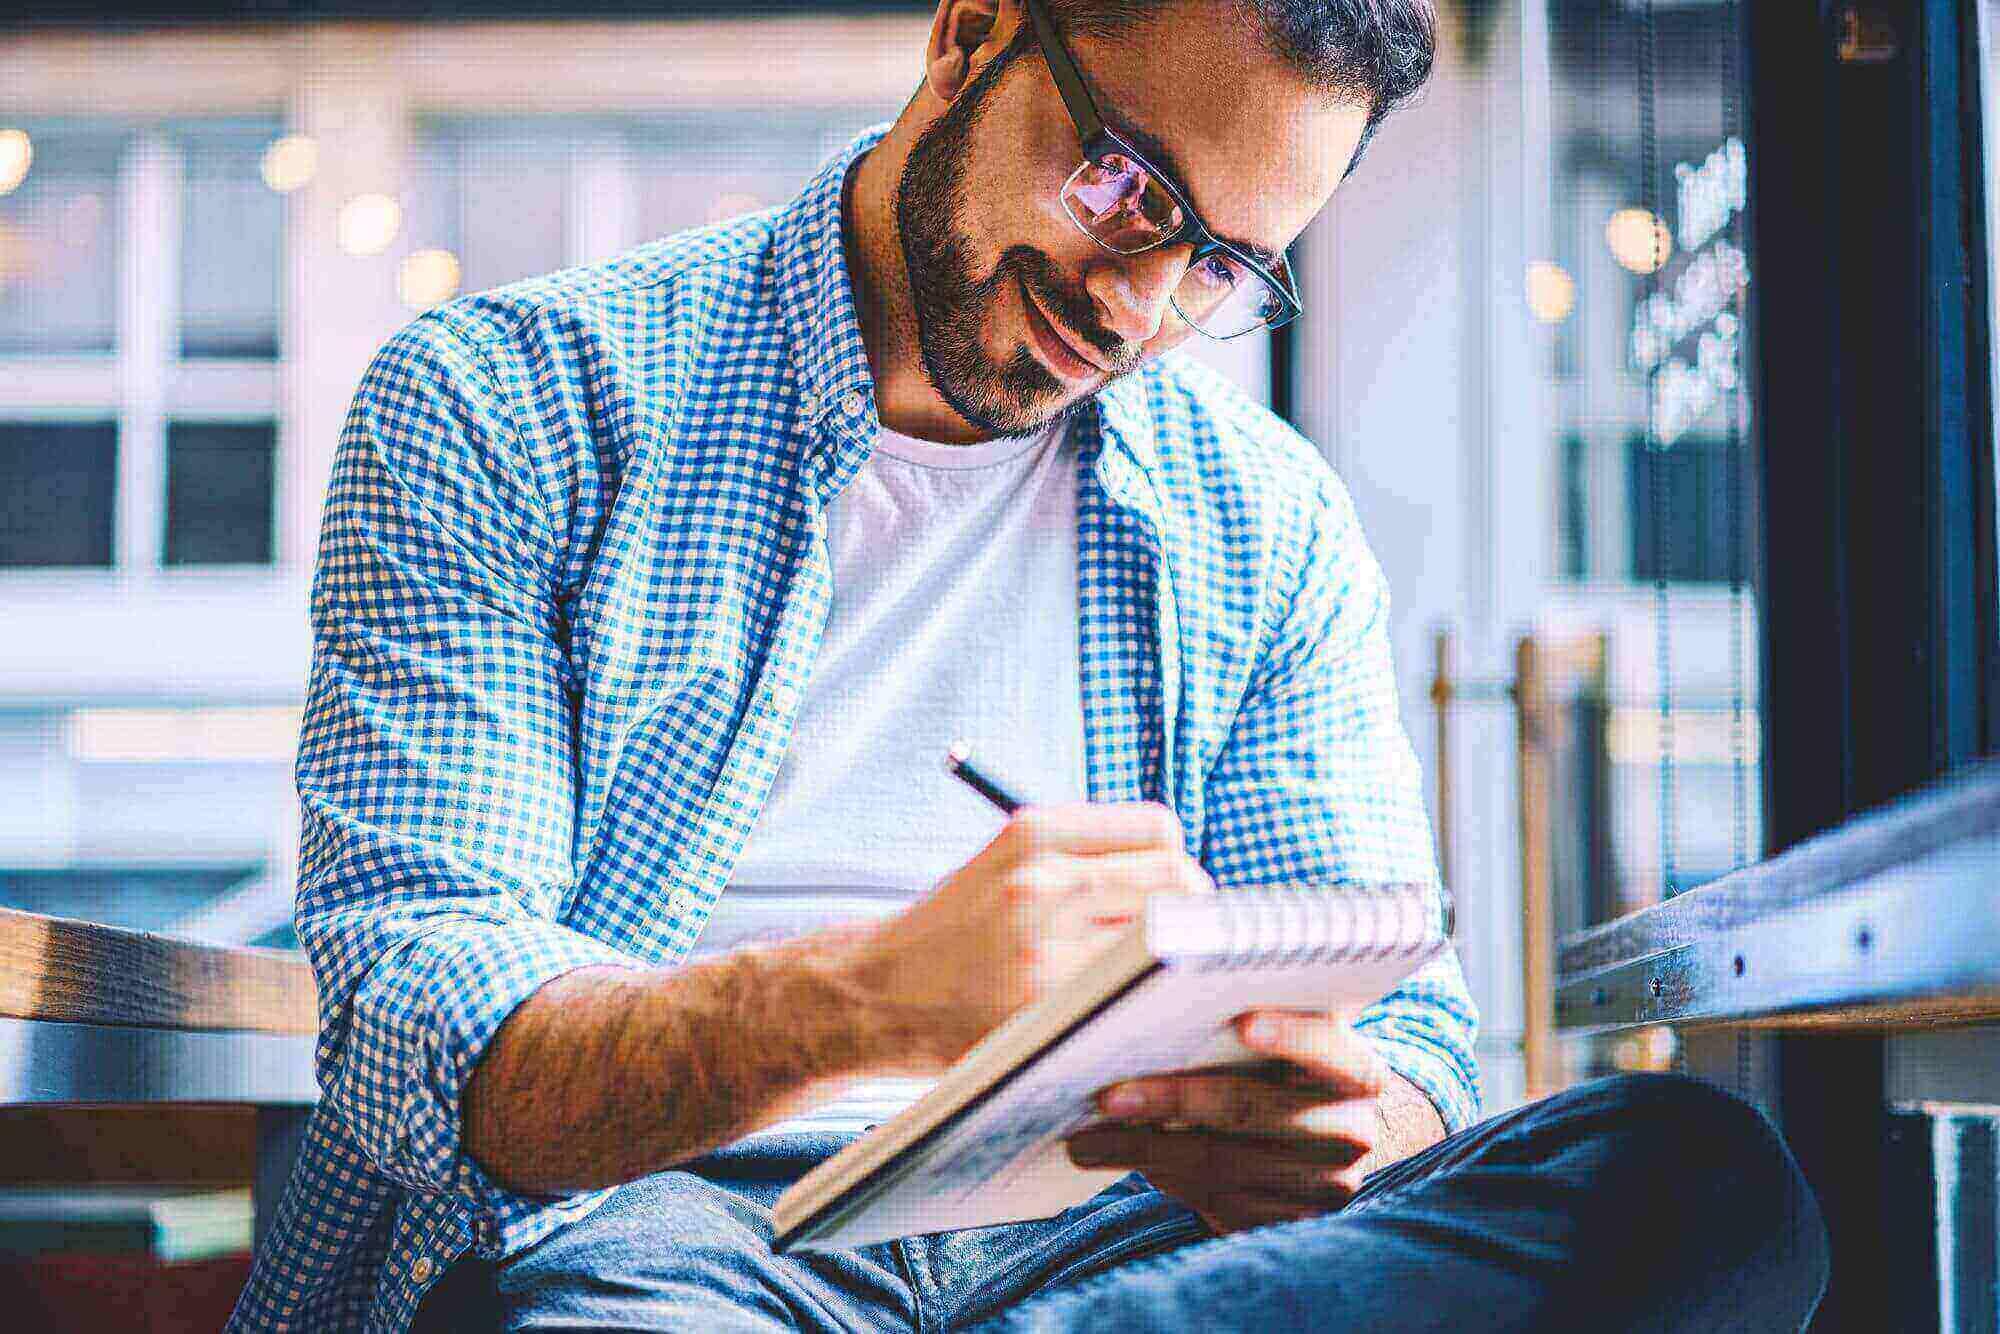 Descubra como se concentrar para estudar e evitar distrações